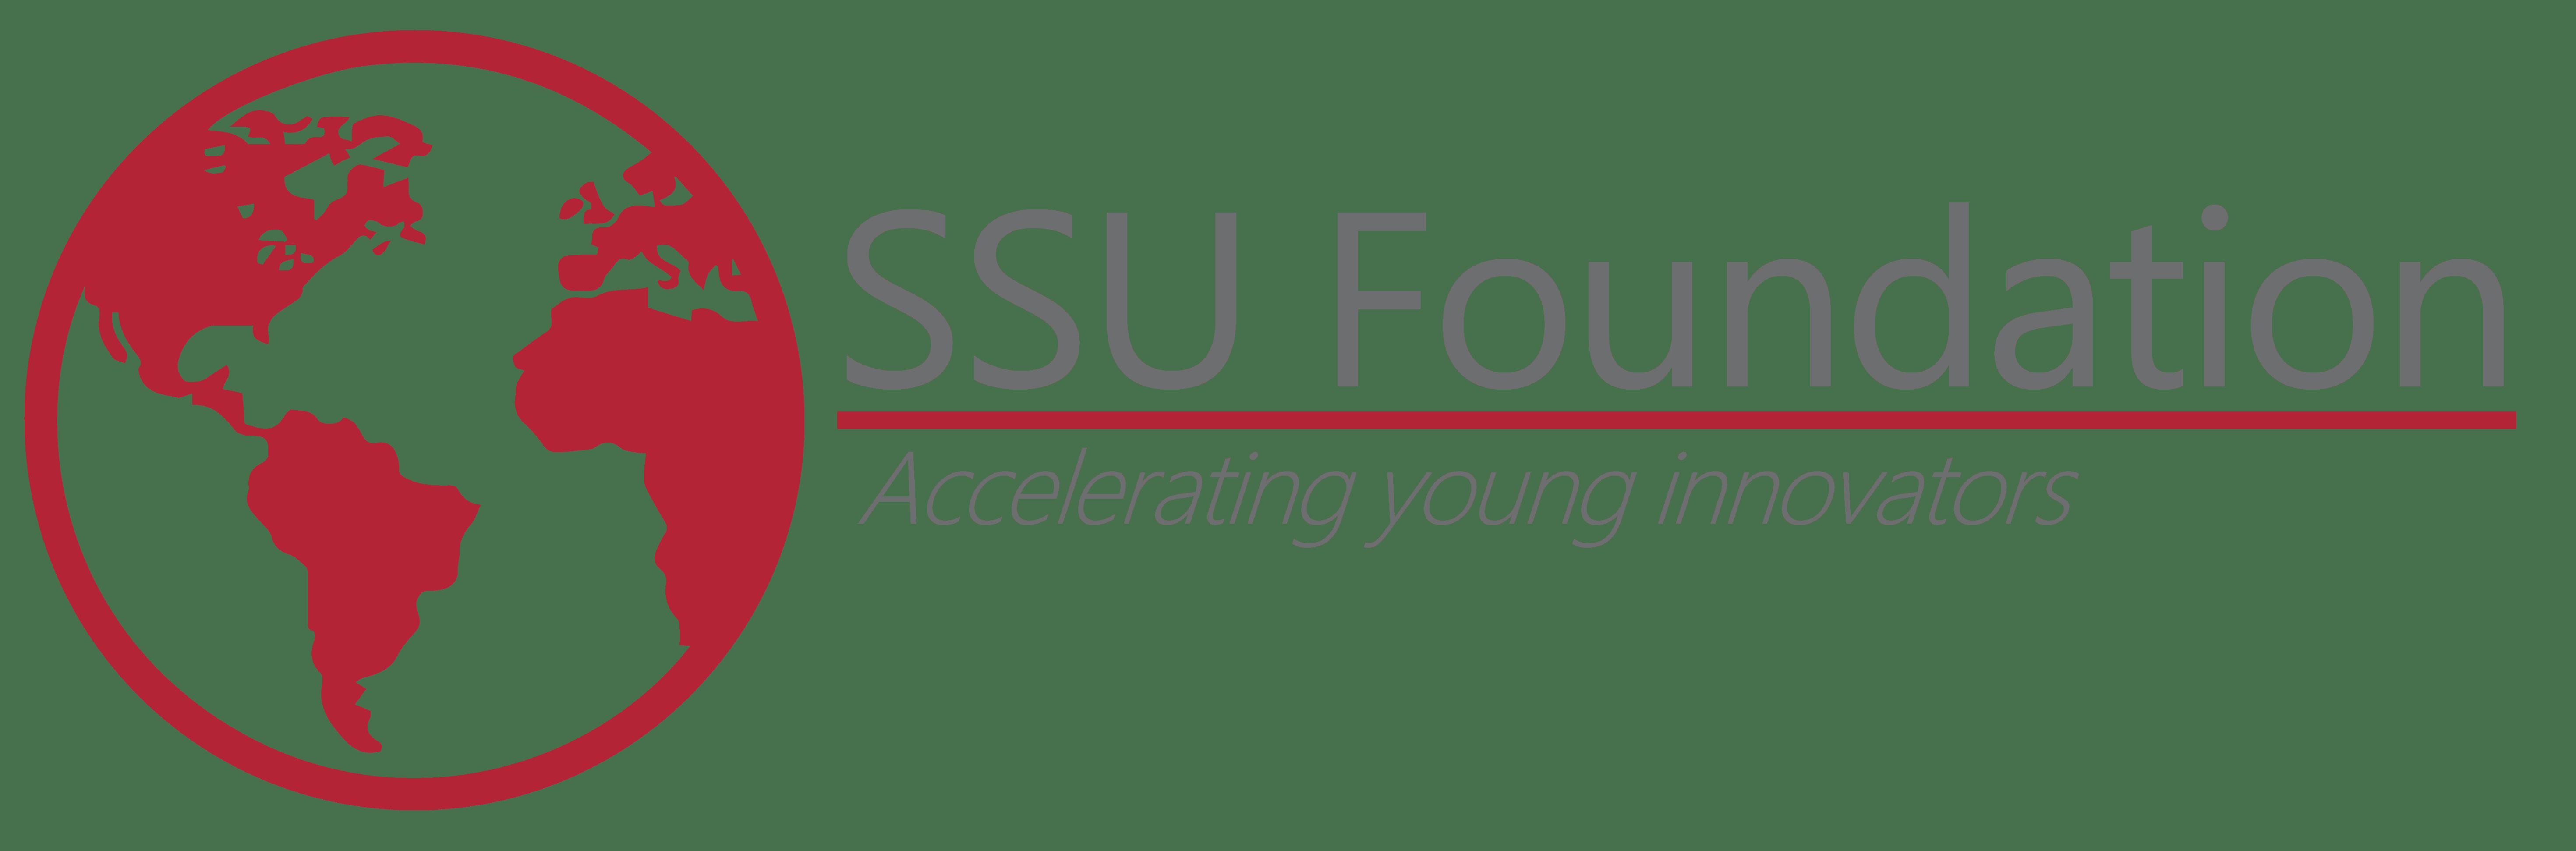 SSU Foundation